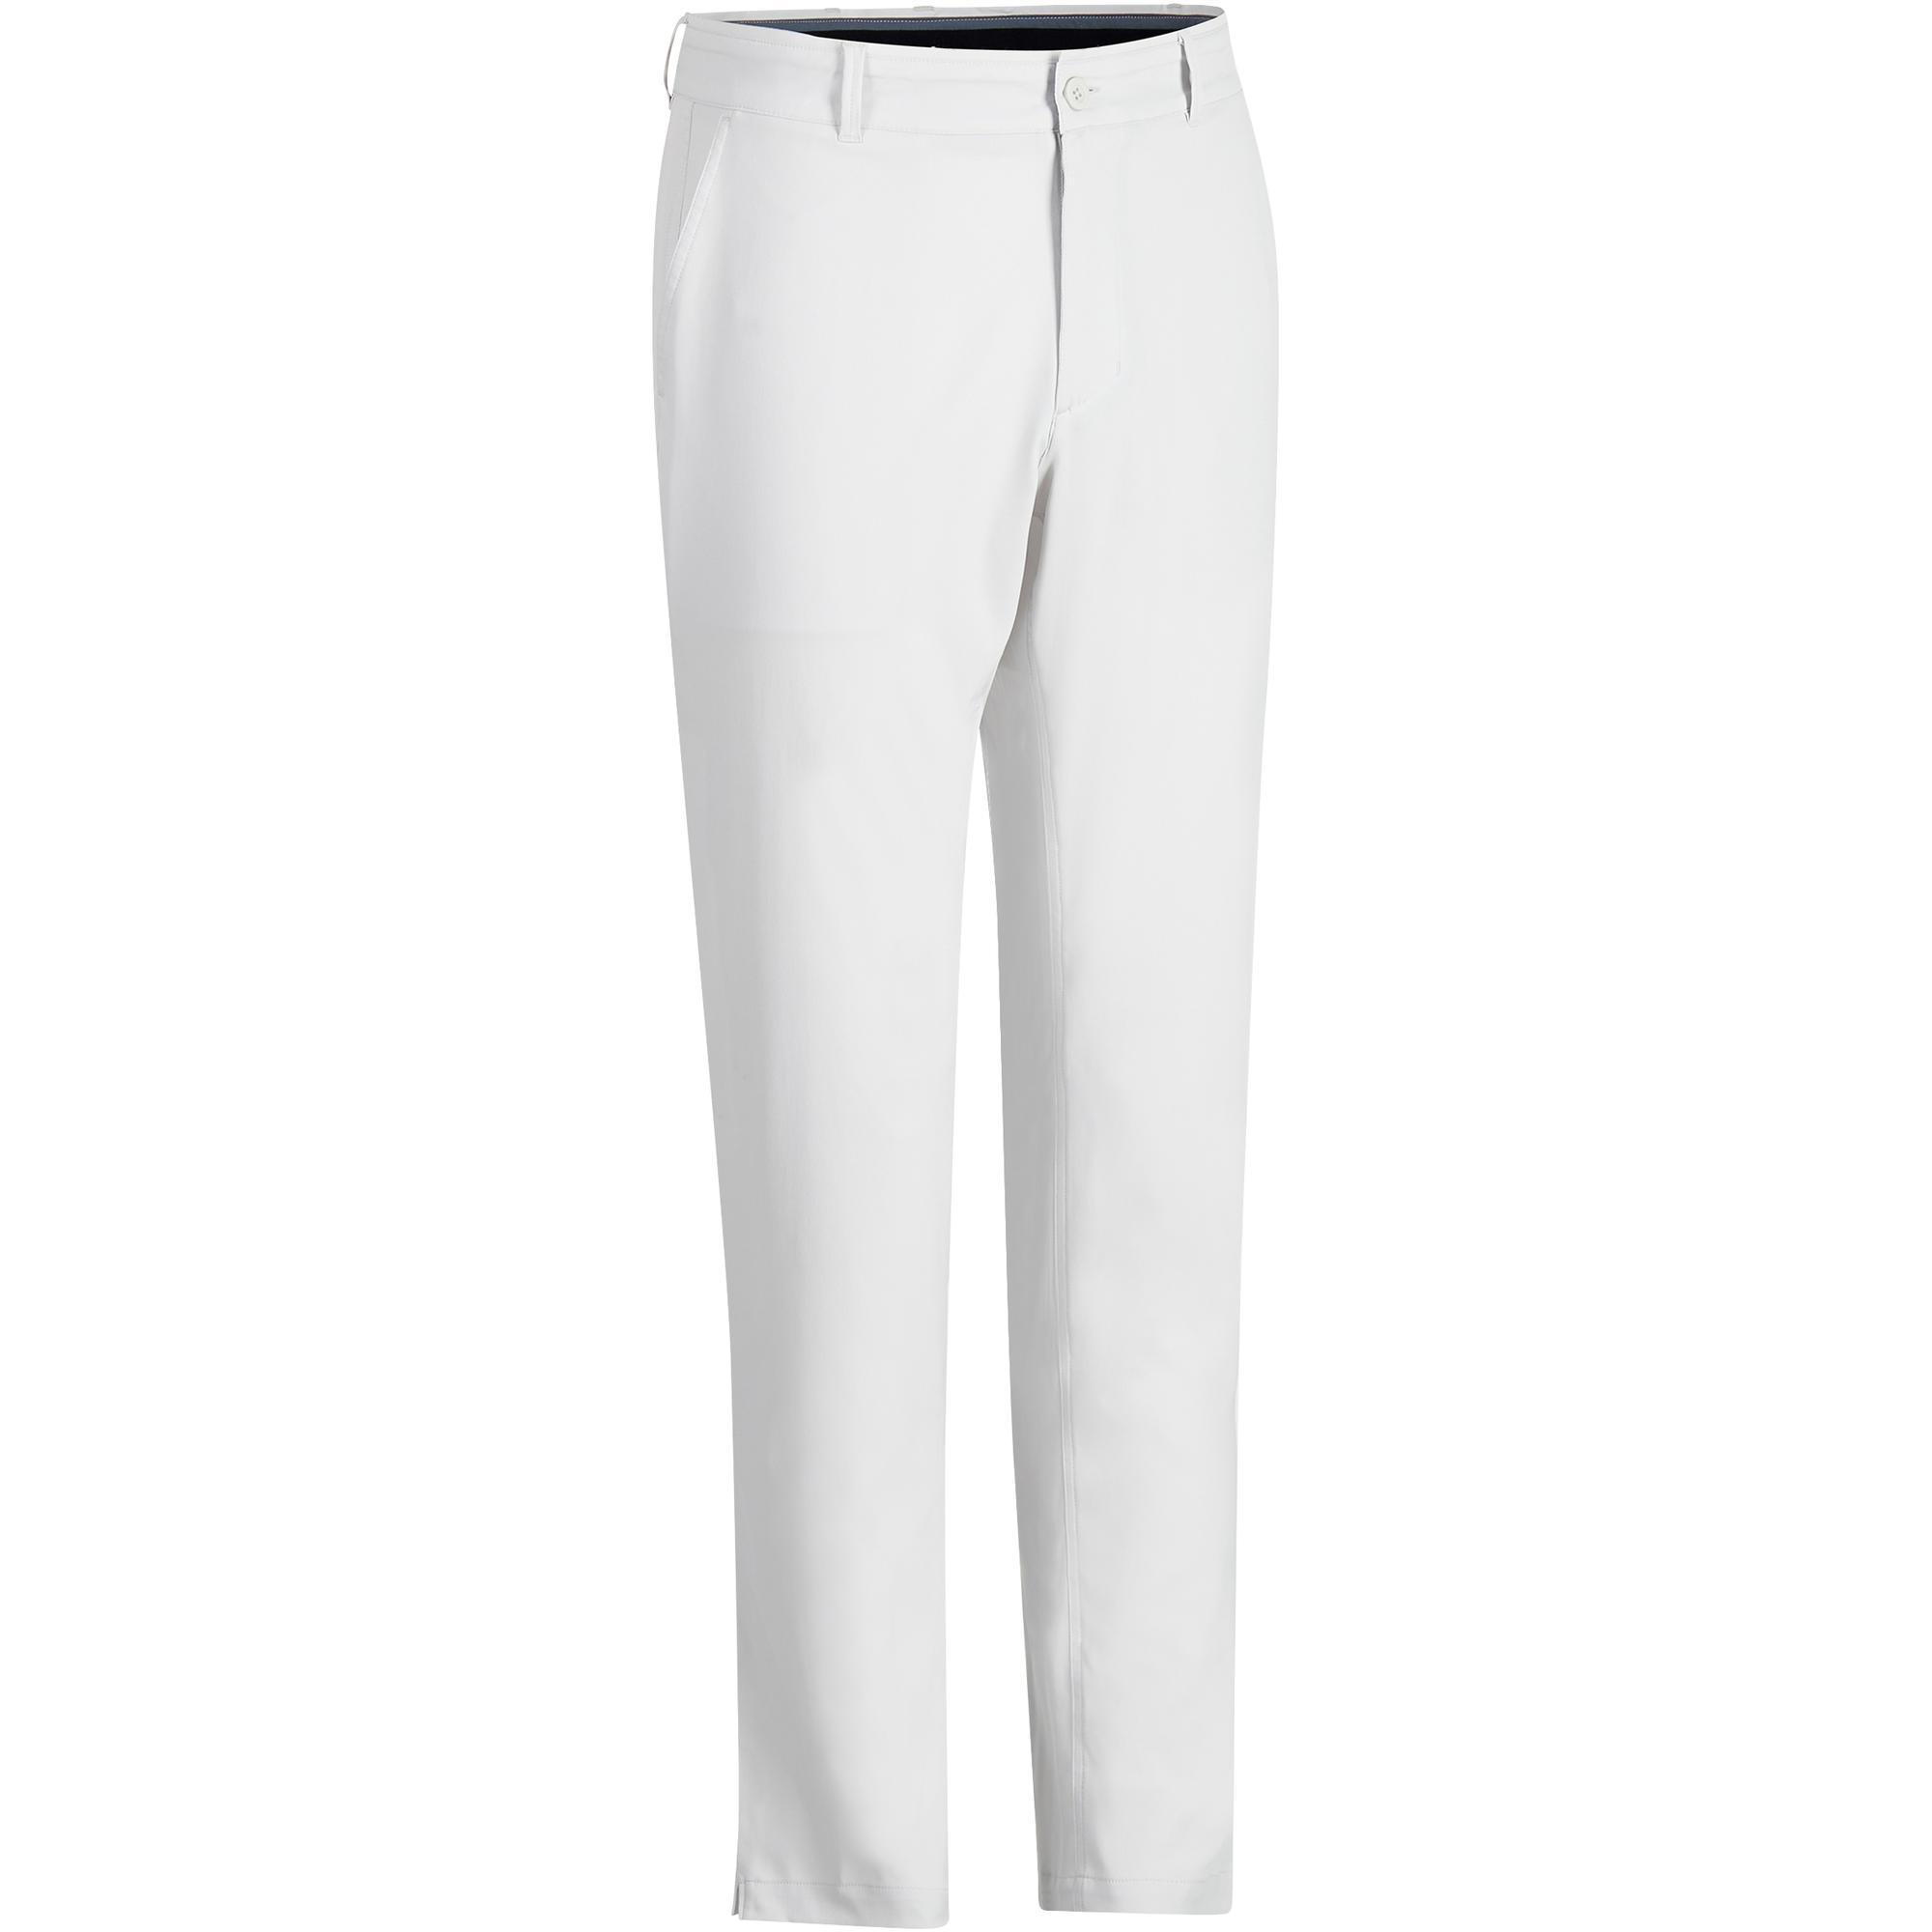 Pantalon fusel gris clair nou la taille Jeans t 4311cf81ac17